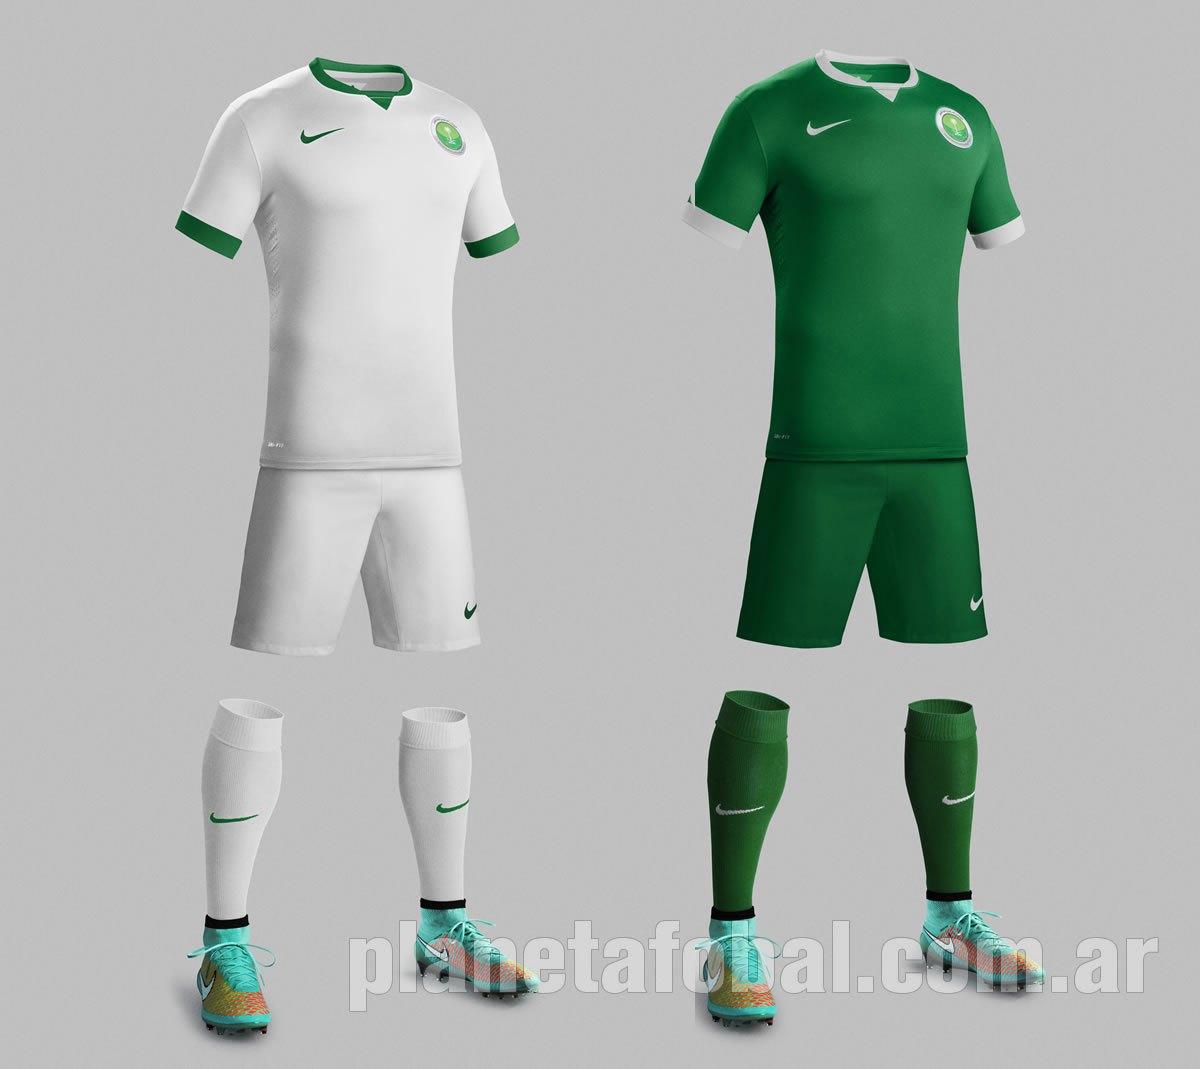 Las dos casacas de Arabia Saudita | Foto Nike